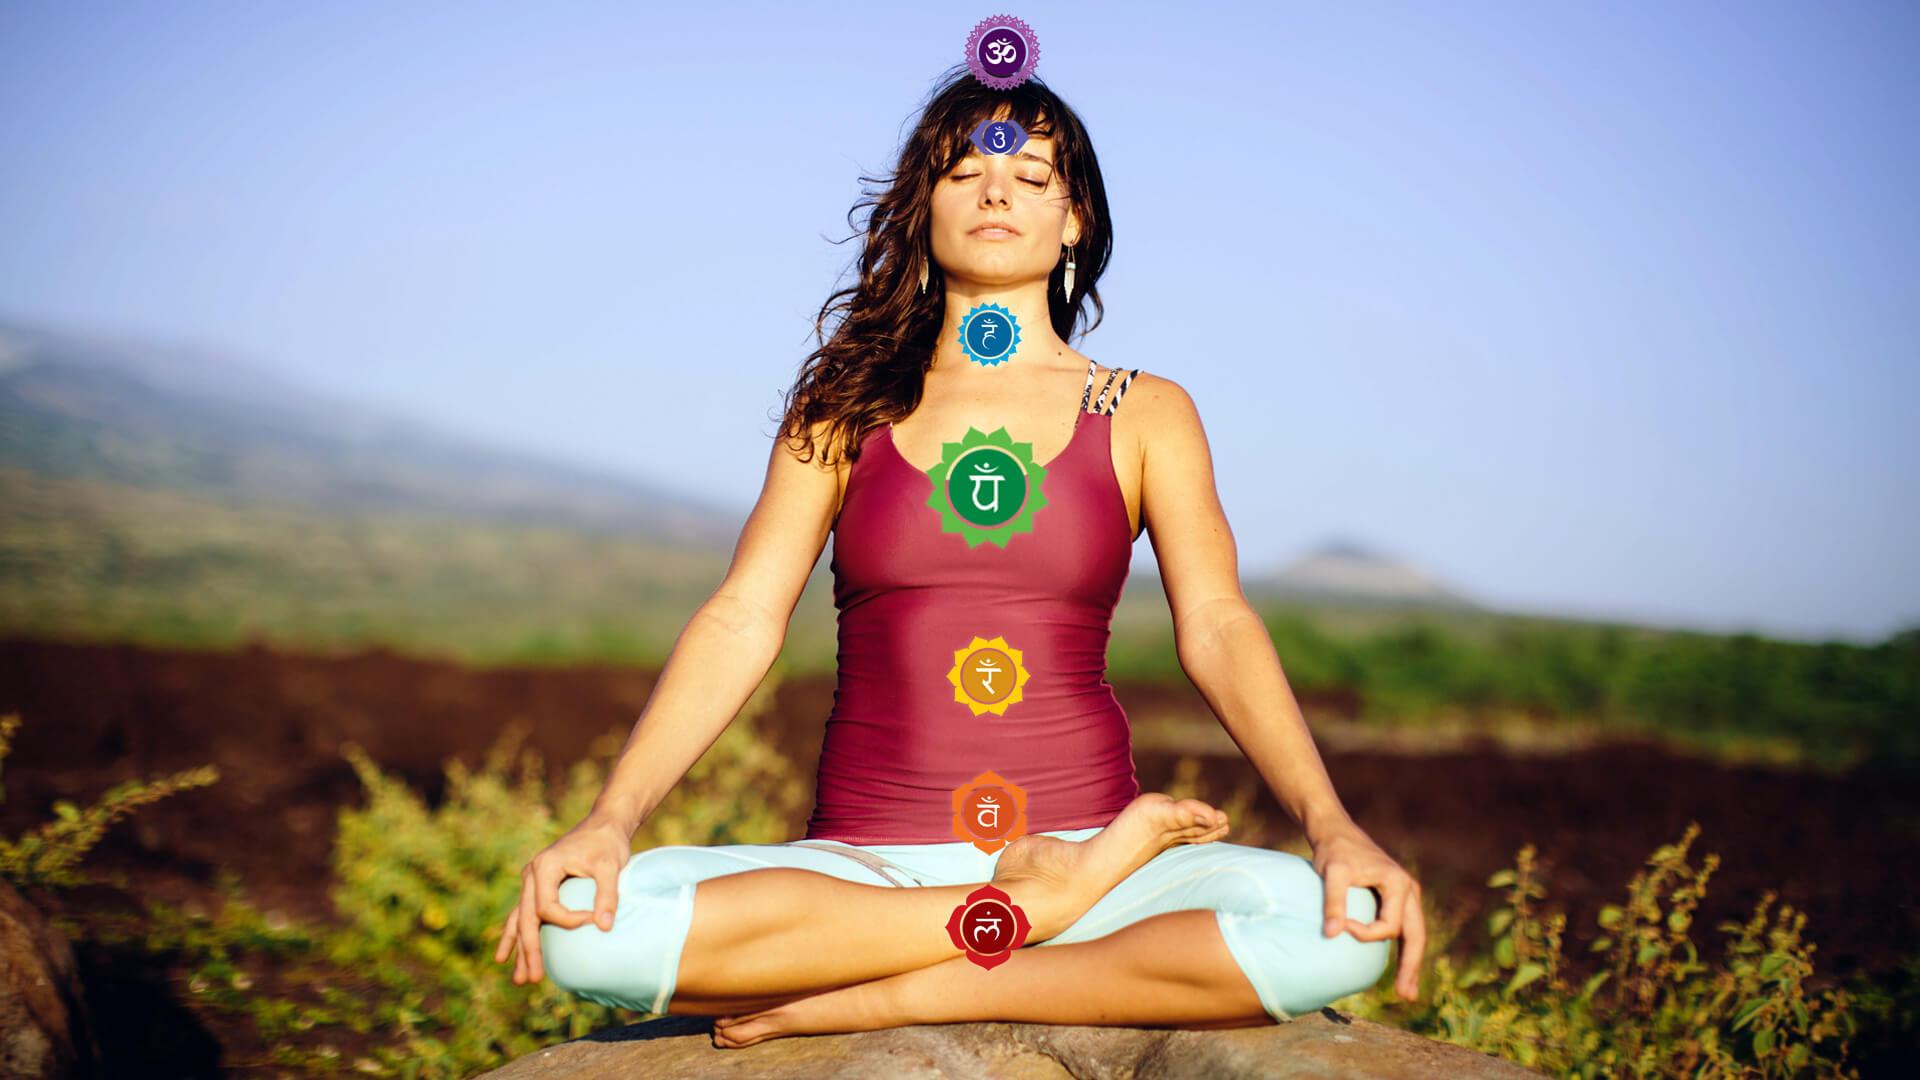 slide-chakra-yoga-girl-pc.jpg